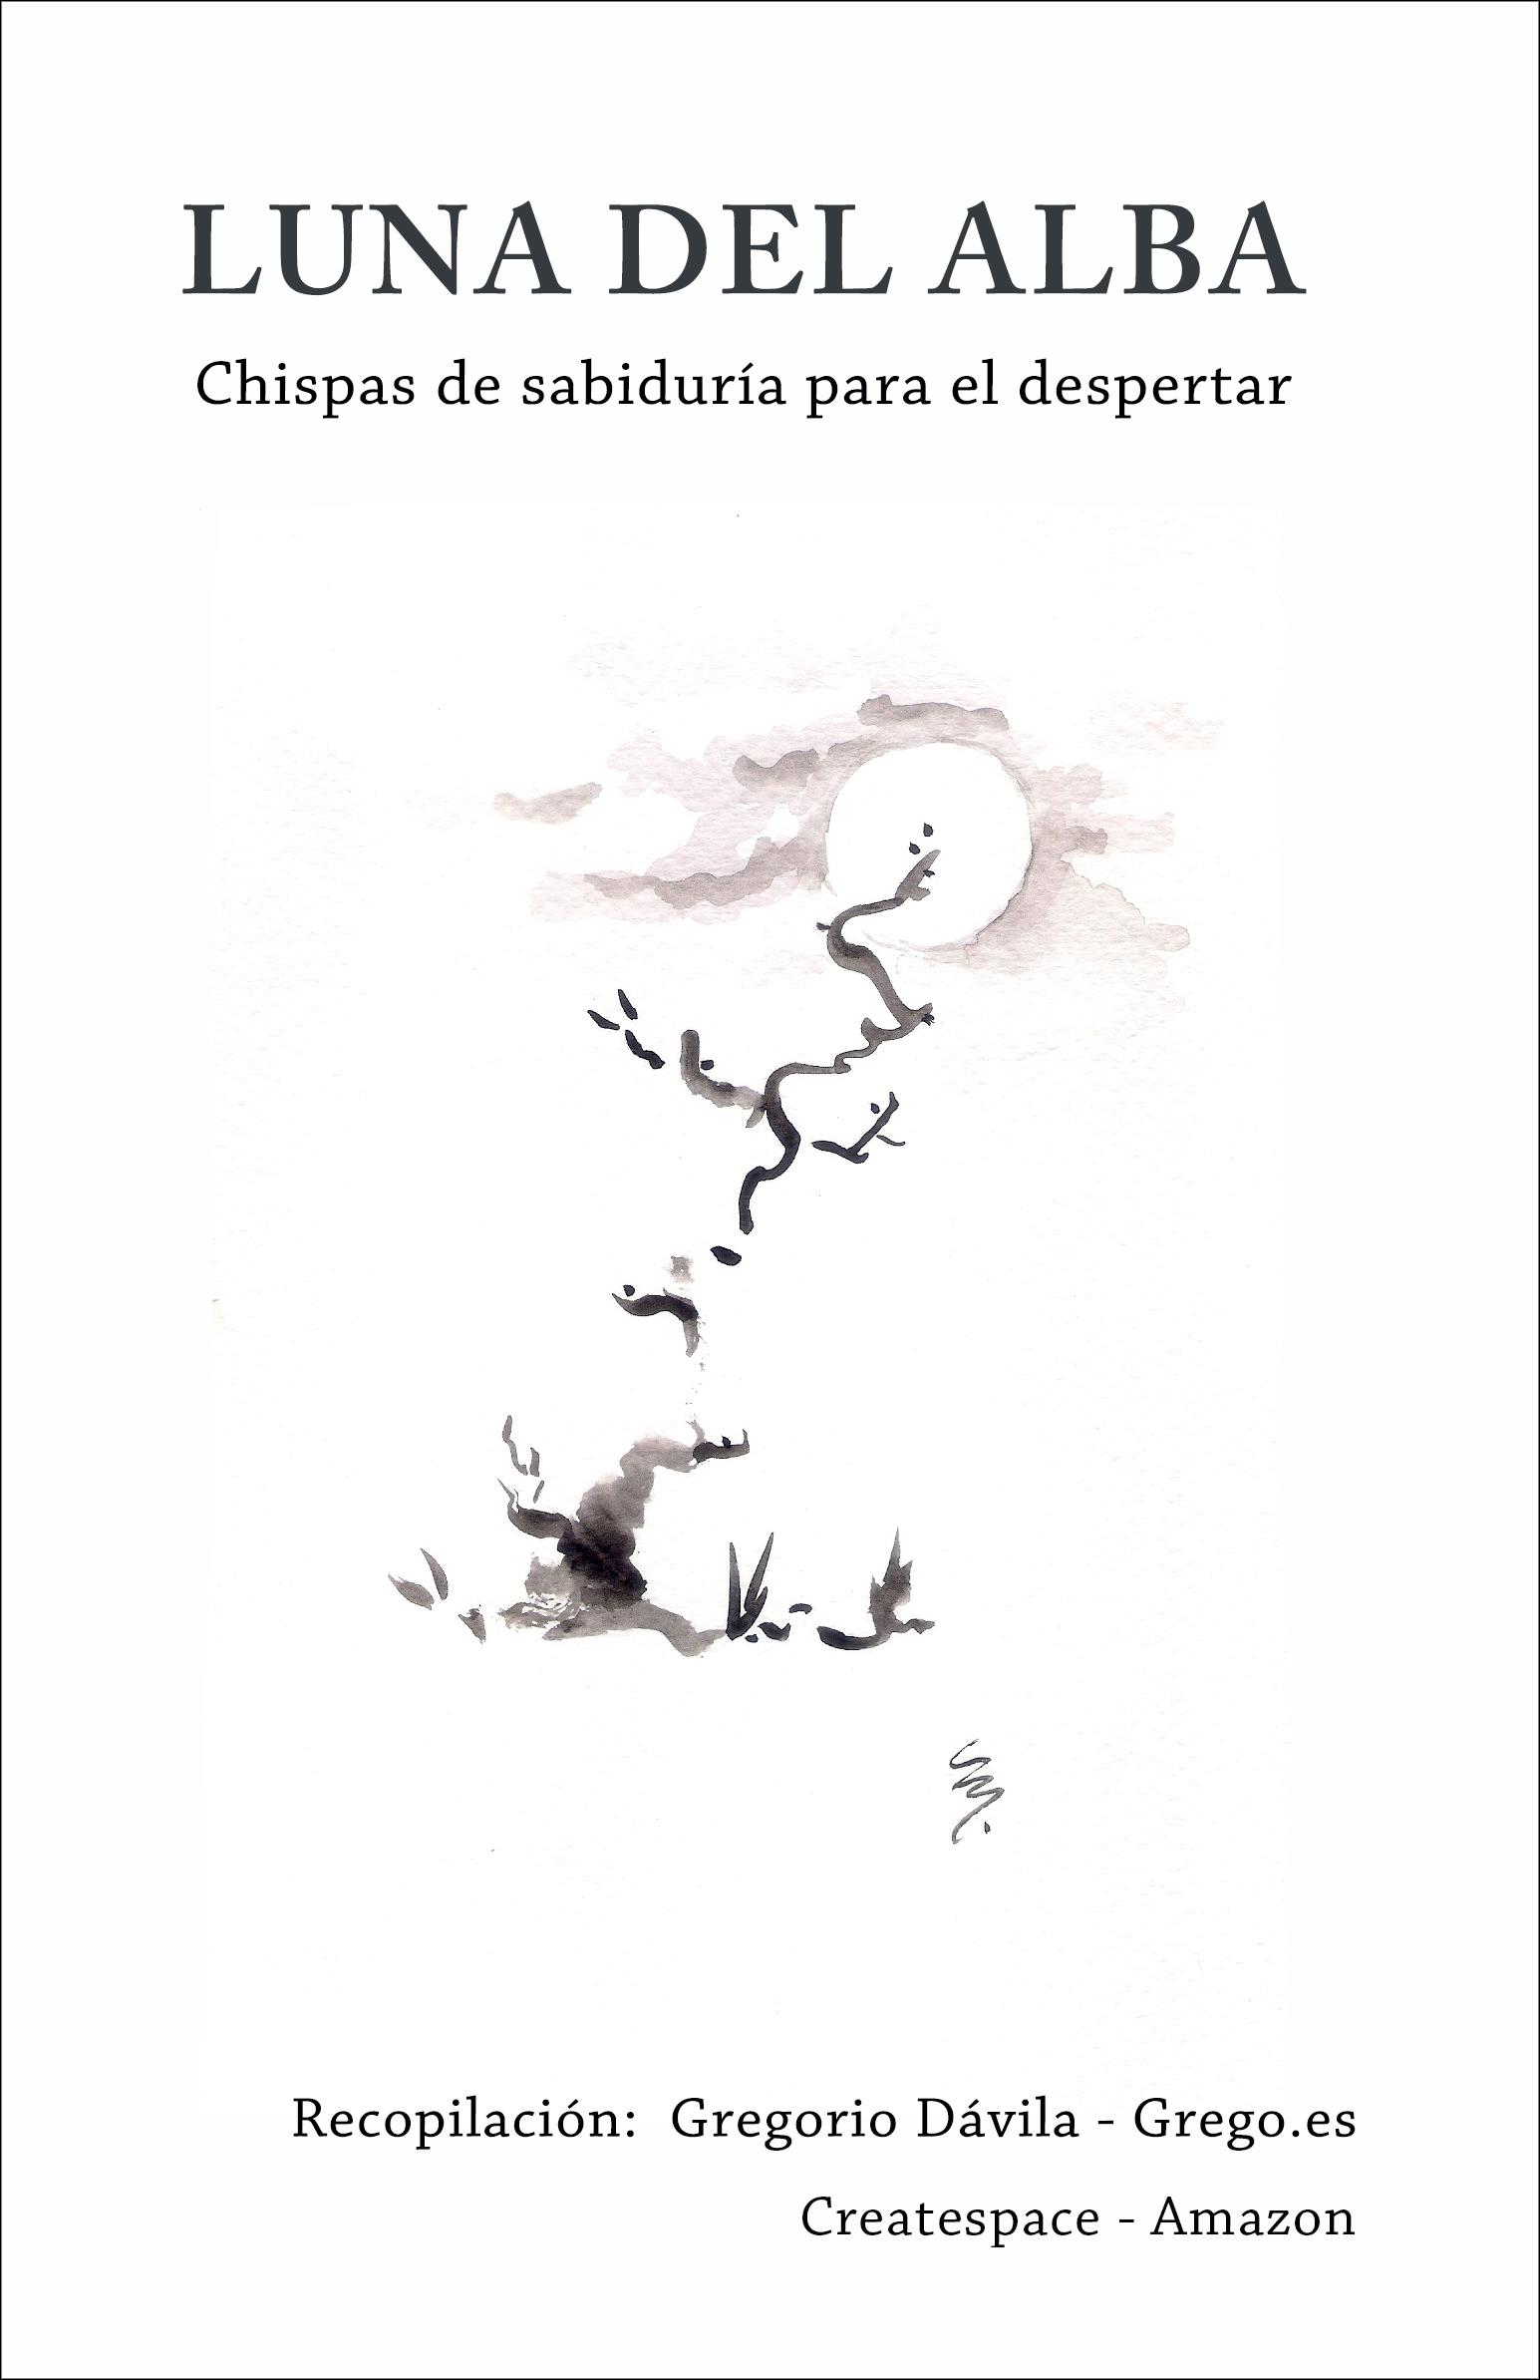 LUNA DEL ALBA, por Grego.es